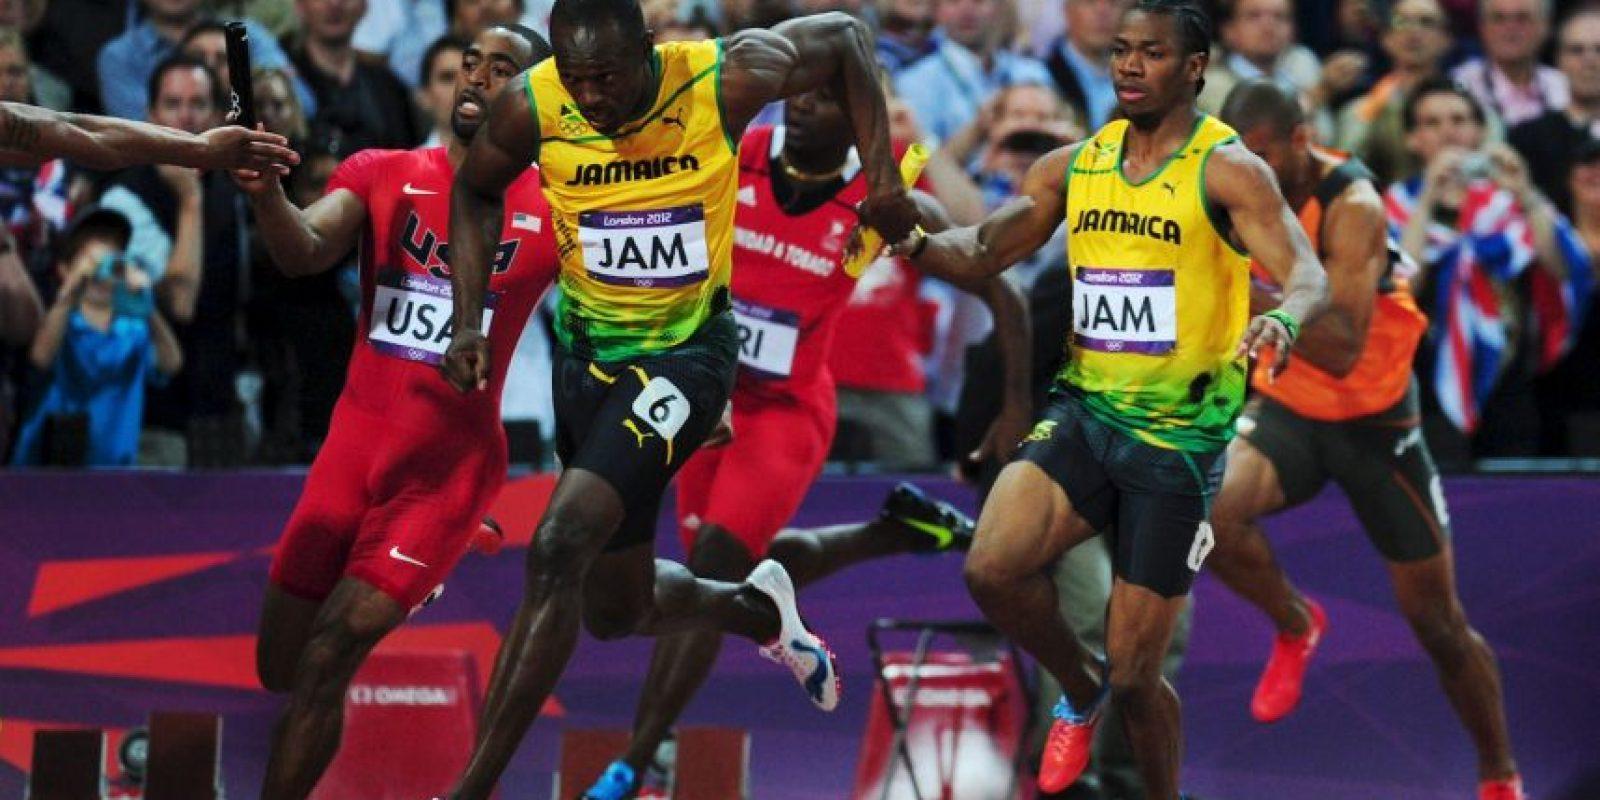 Jamaica se llevó el oro con un tiempo de 36.84 y Estados Unidos, la plata, con 37.04. Foto:Getty Images